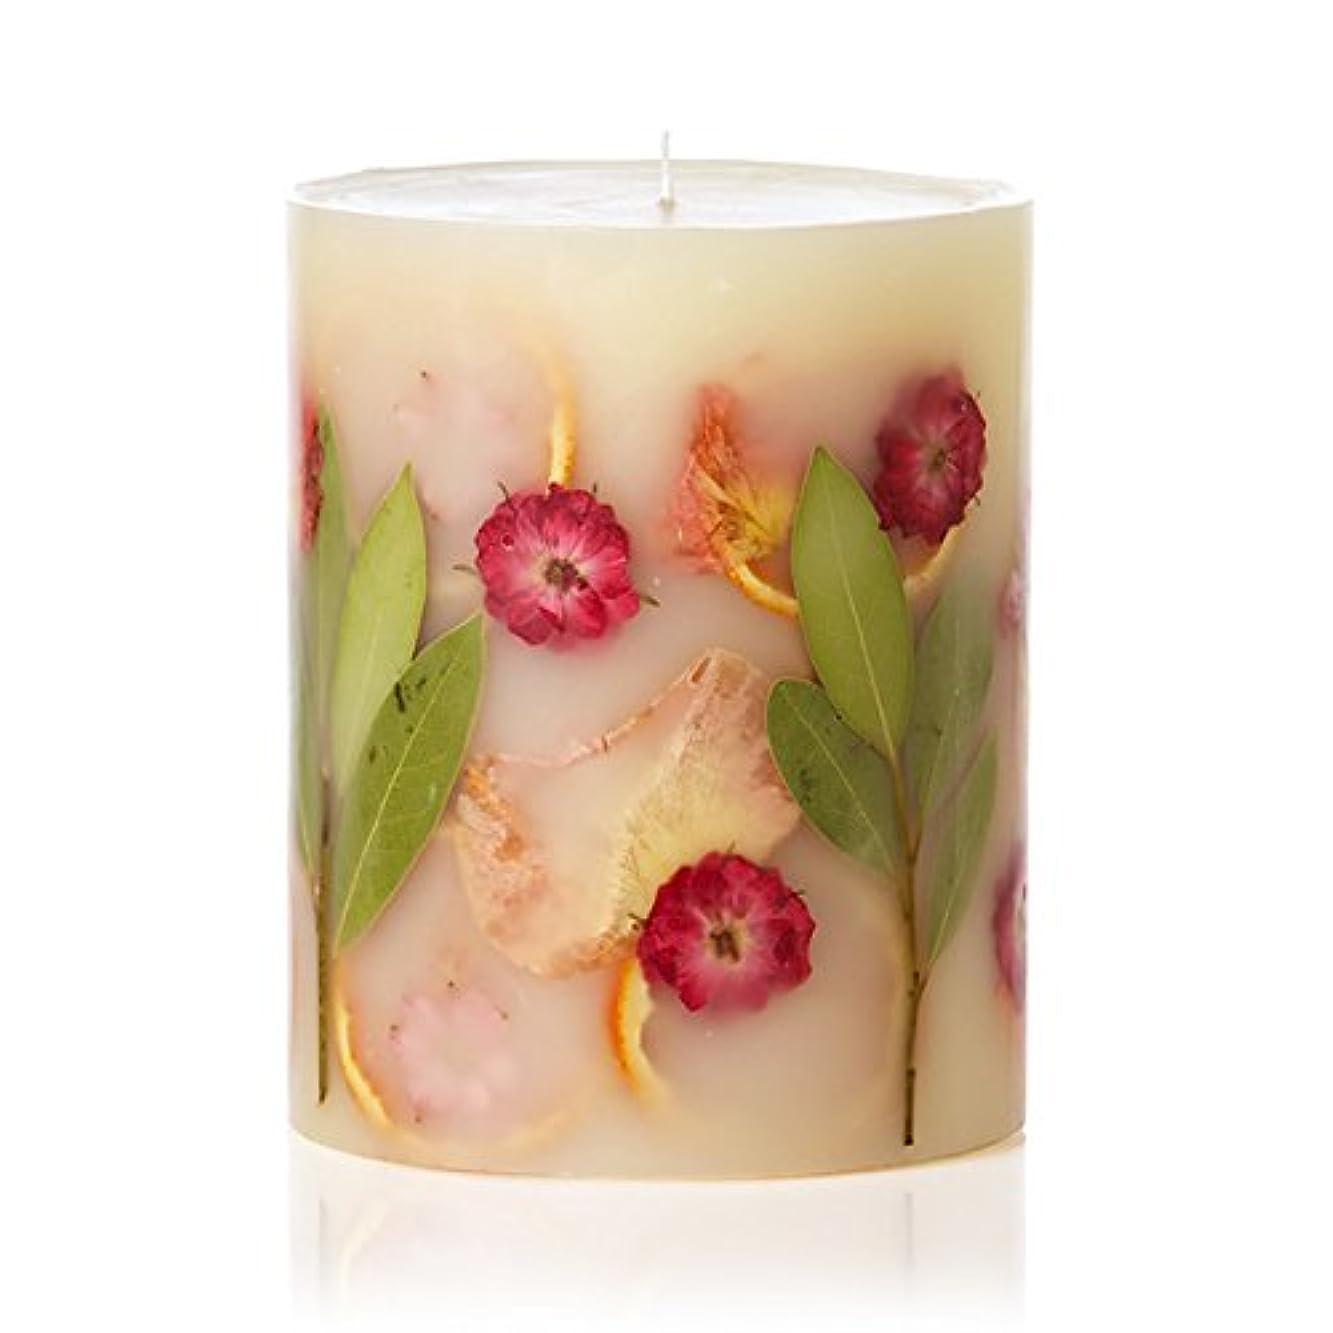 カウボーイトーク話すロージーリングス ボタニカルキャンドル トールラウンド ピオニー&ポメロ ROSY RINGS Round Botanical CandleTall Round Peony & Pomelo